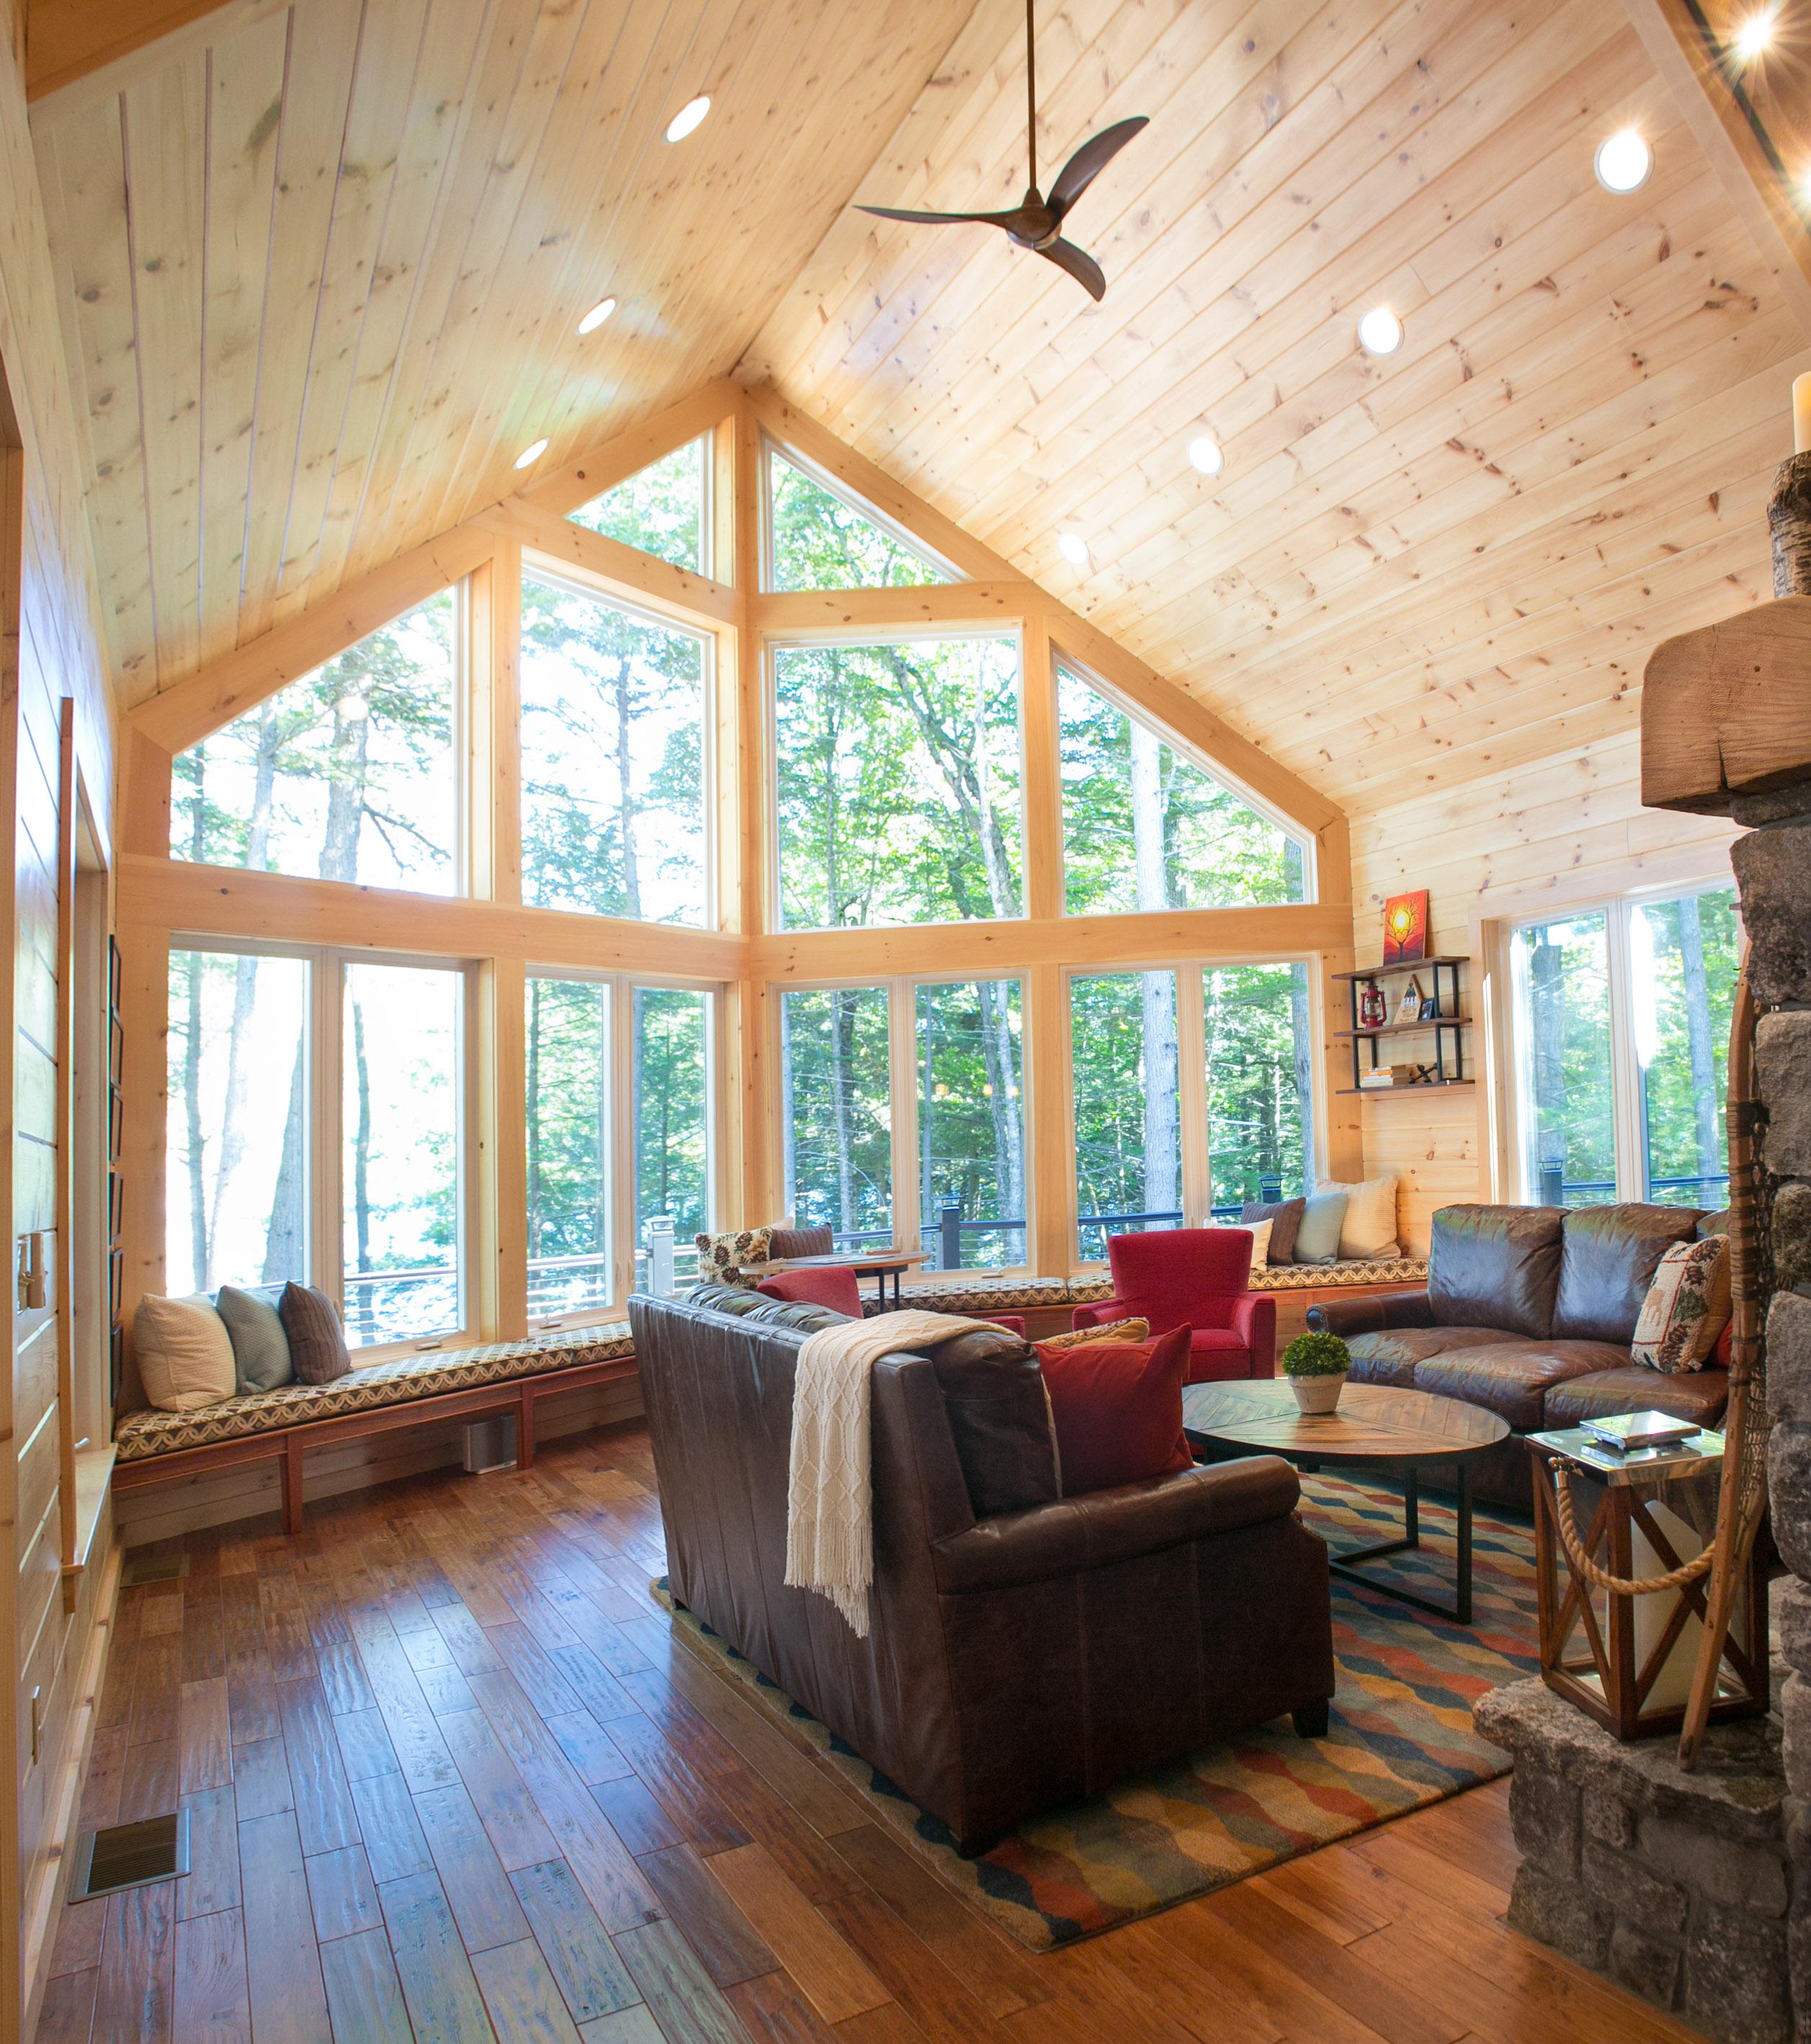 Goods Home Design: The Good Home – Interiors & Design